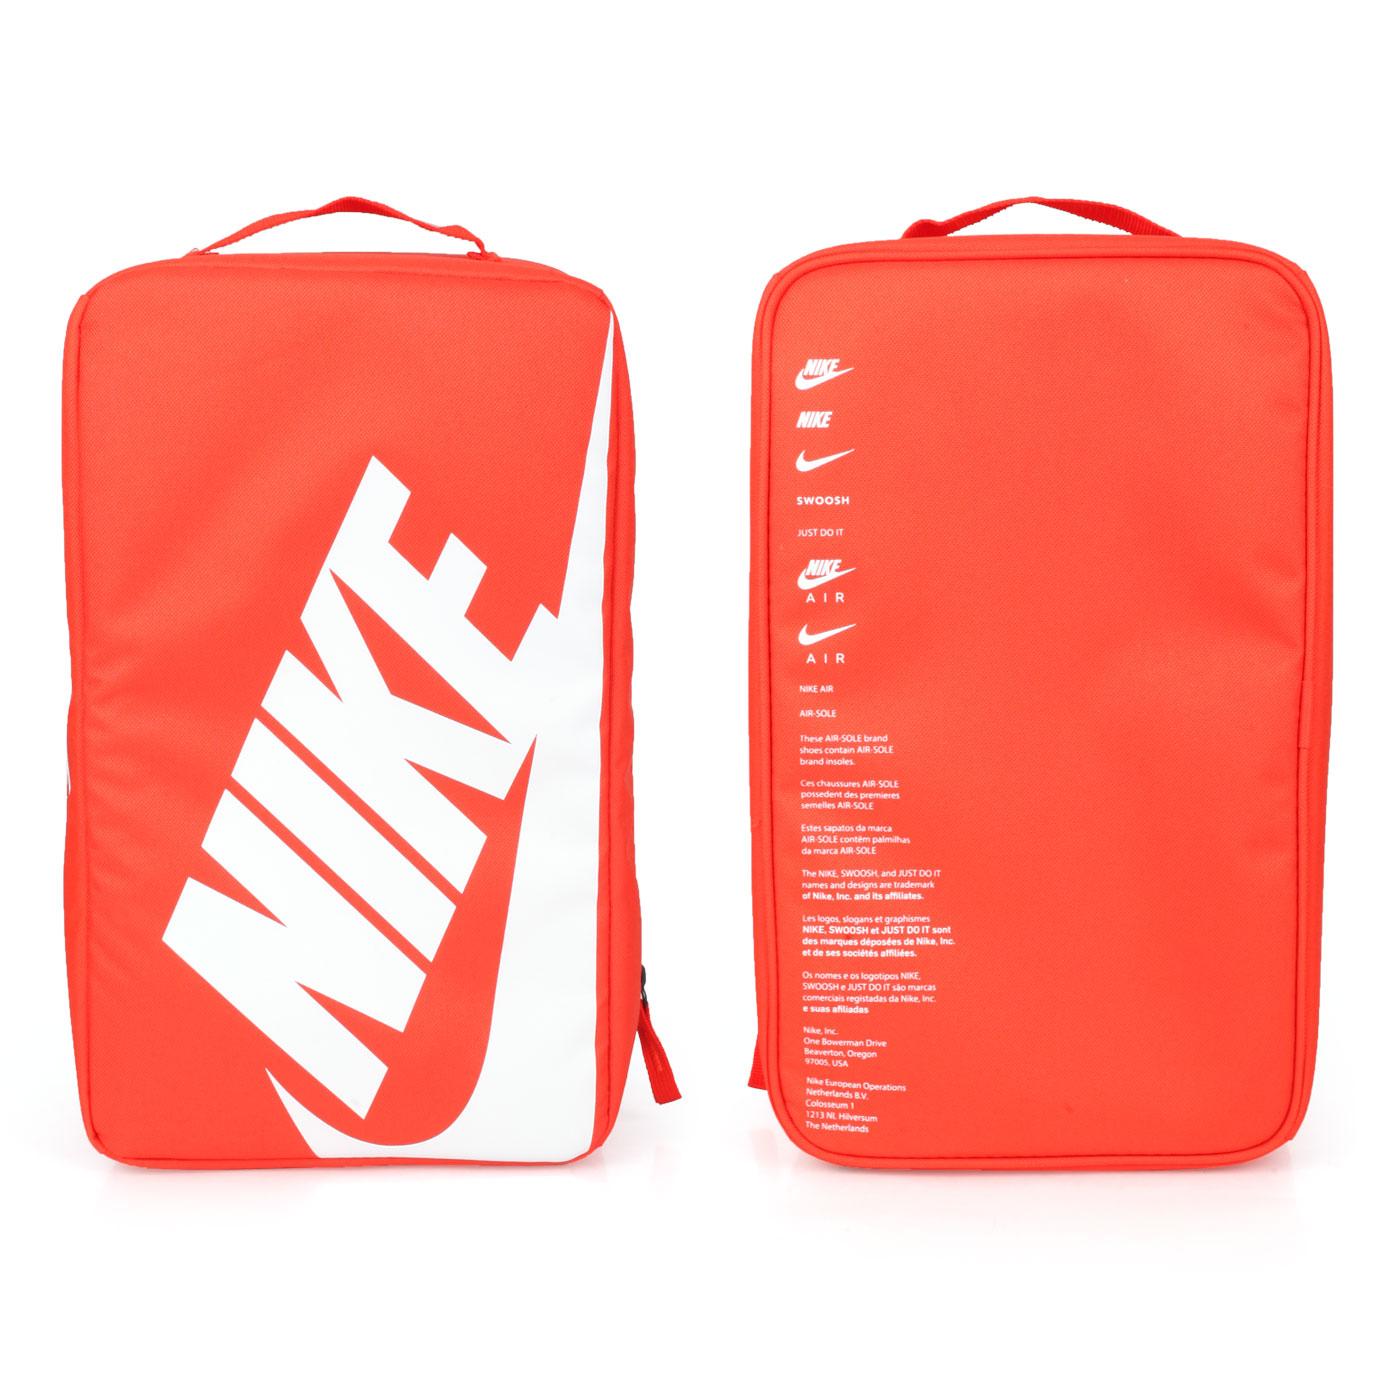 NIKE 鞋袋 BA6149-810 - 橘白